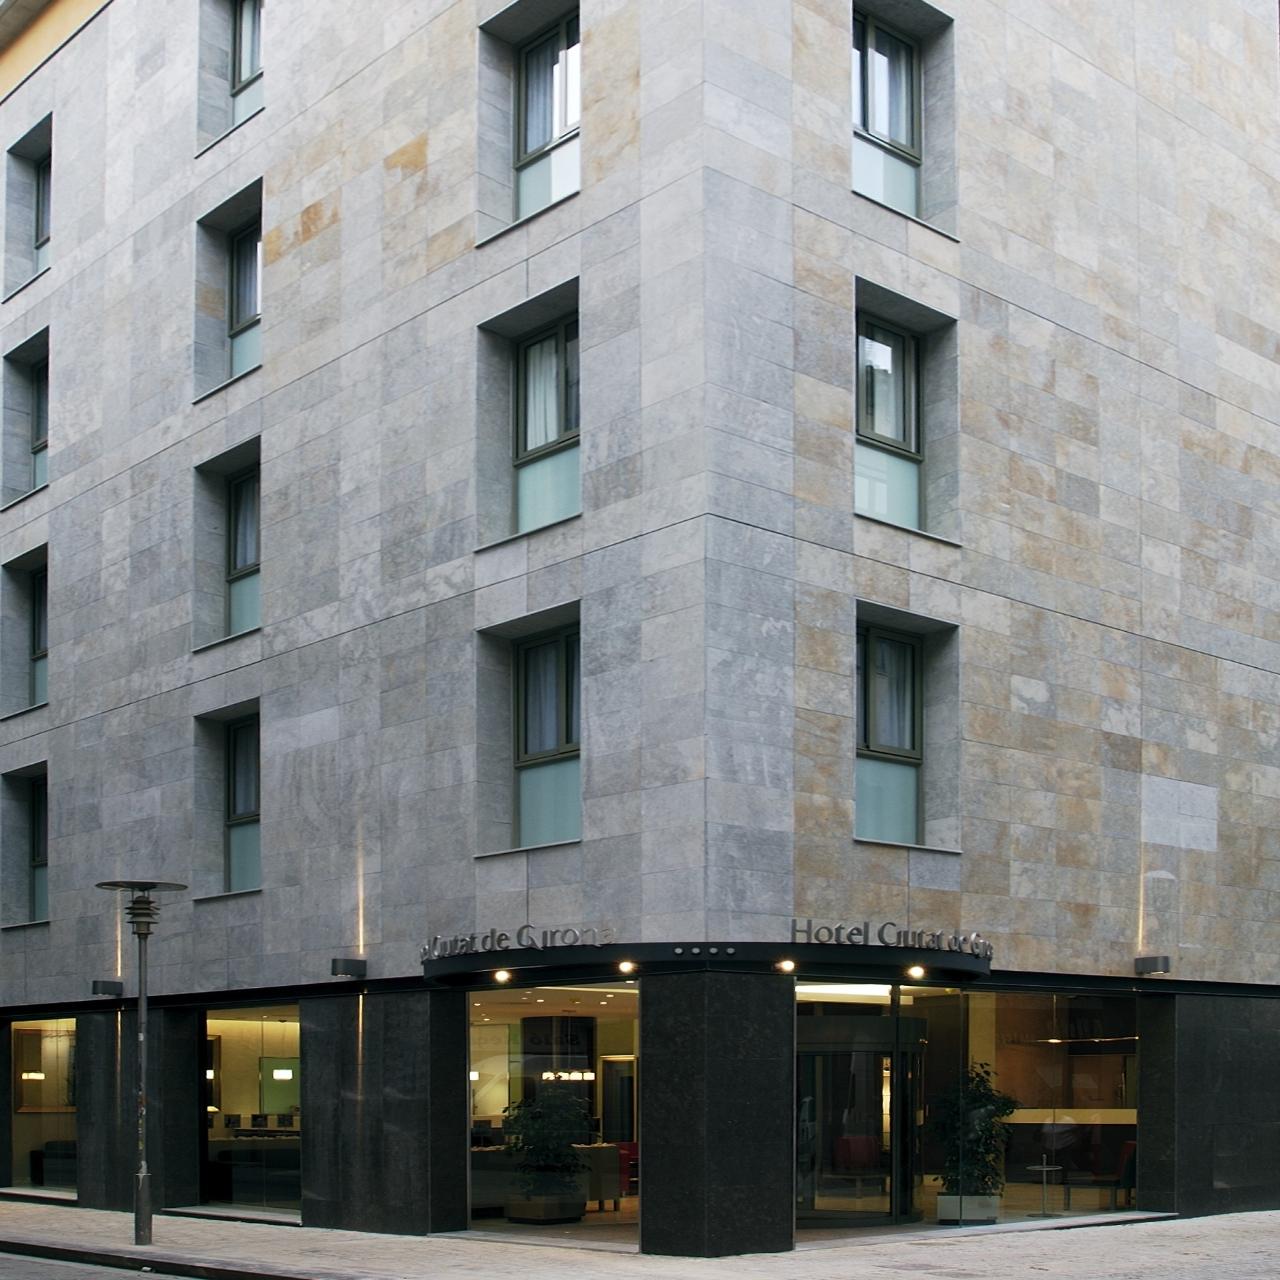 https://plaat.es/wp-content/uploads/2020/11/Hotel-Ciutat-de-Girona_005.jpg